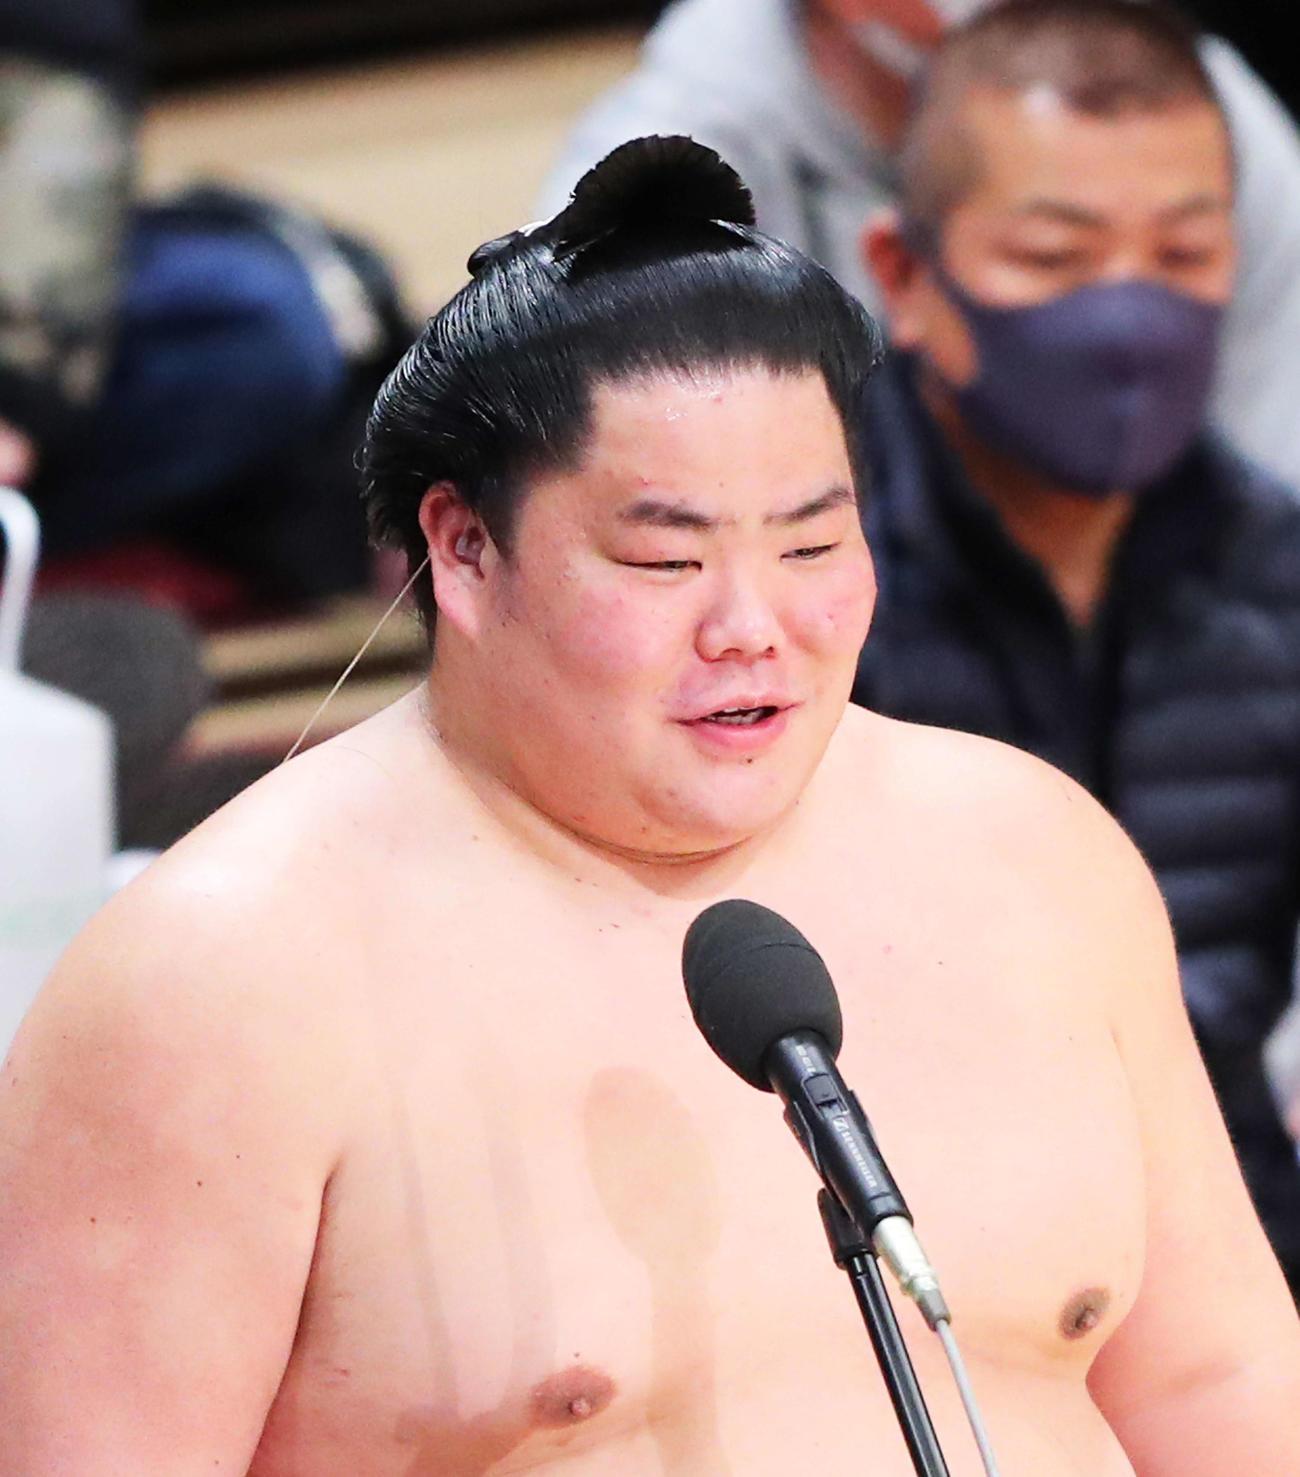 優勝インタビューで笑顔を見せる大栄翔(撮影・河田真司)